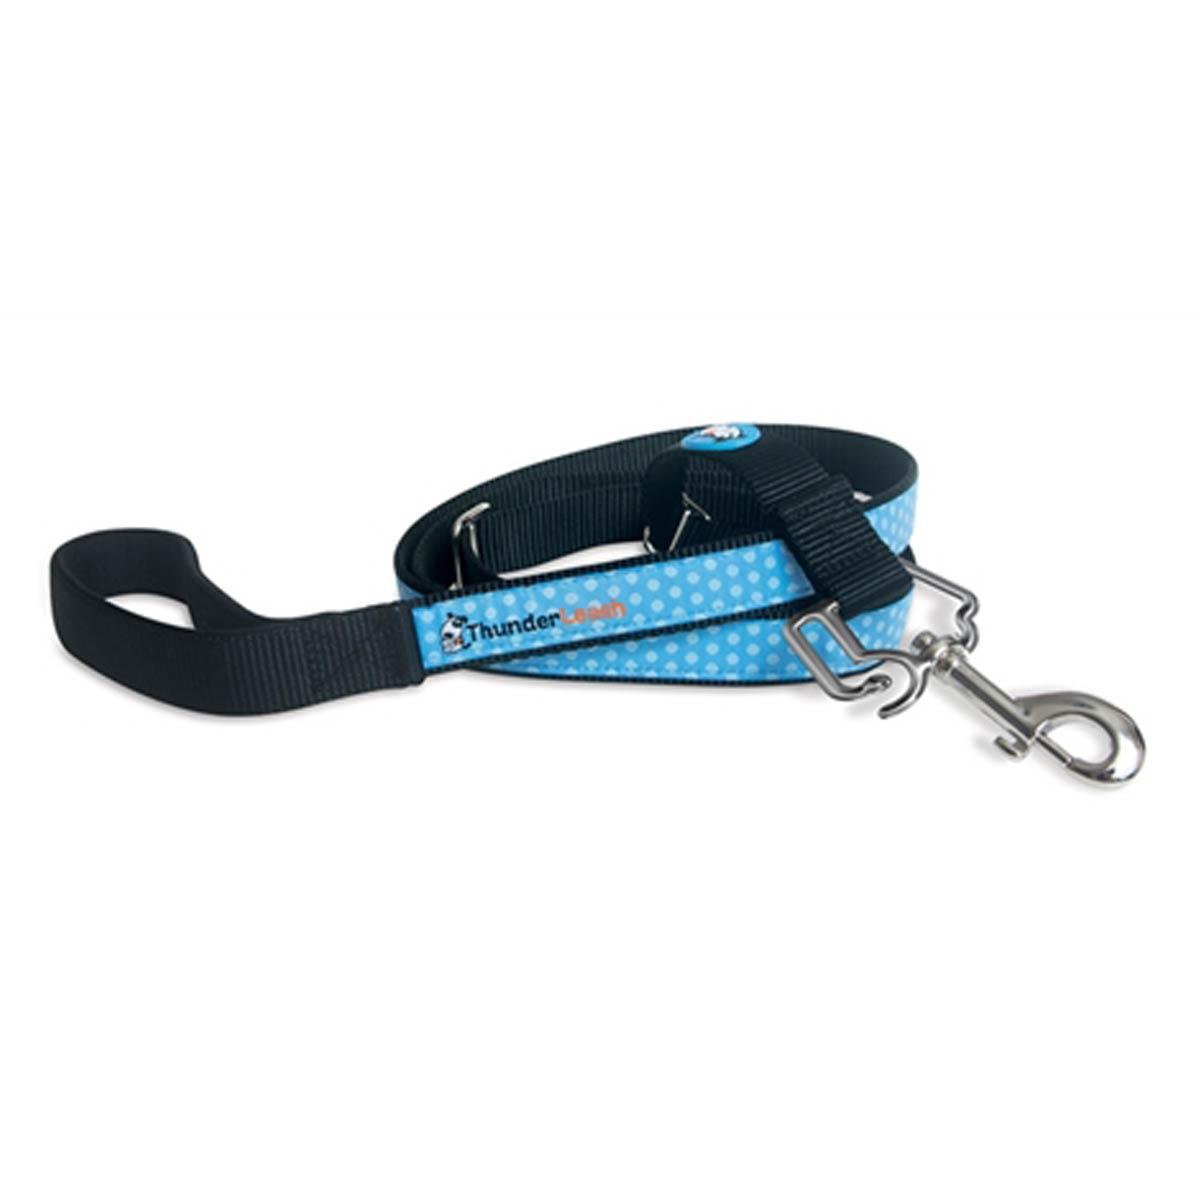 Thunderleash - Adjustable Dog Leash/Harness